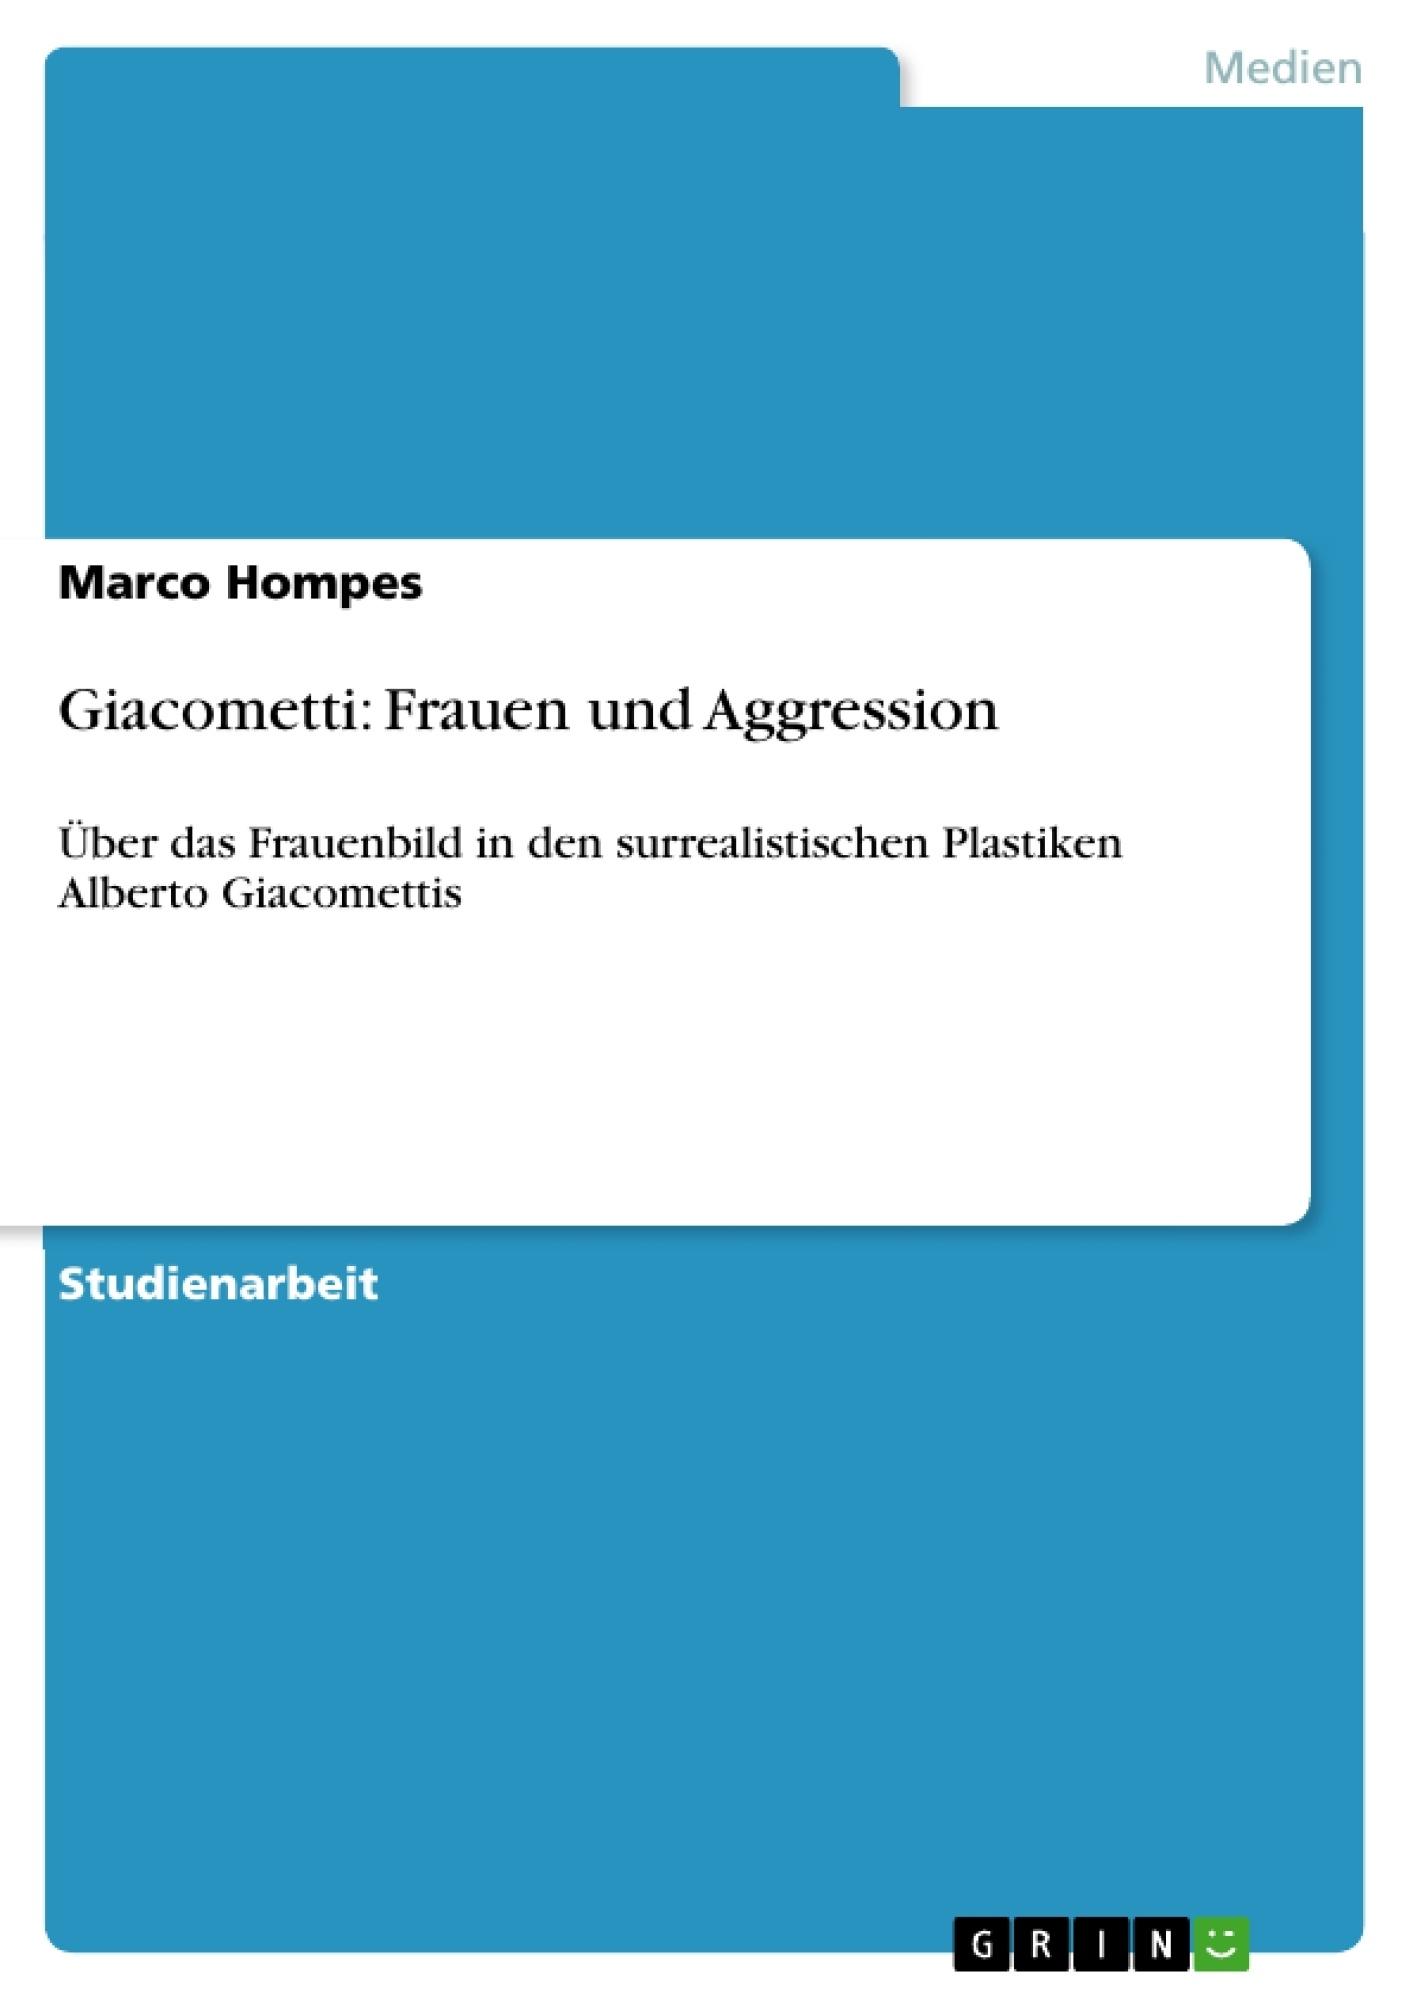 Titel: Giacometti: Frauen und Aggression